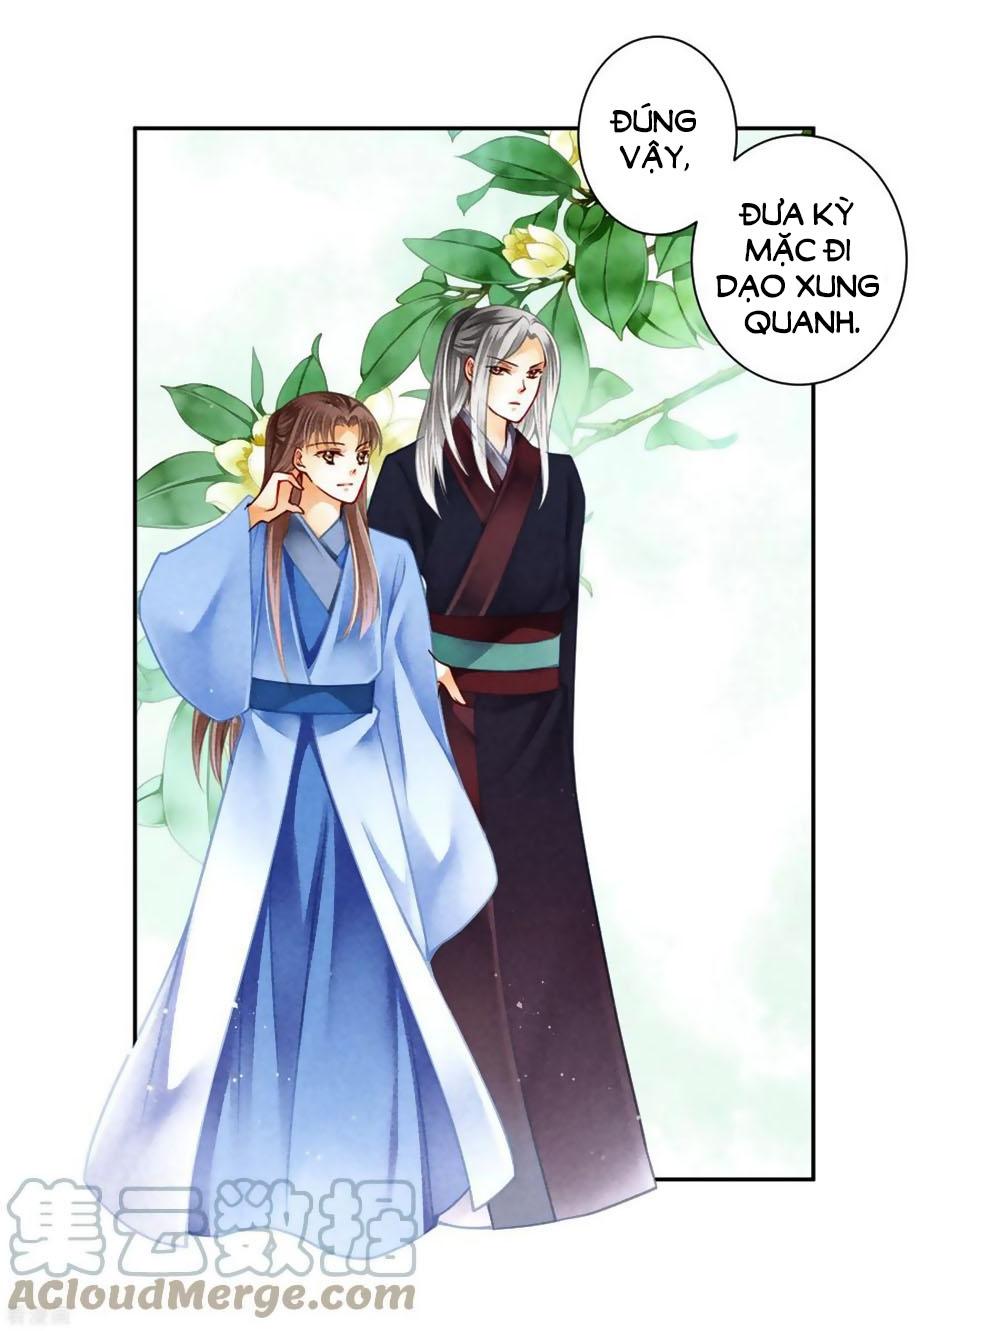 Ái Thượng Vô Địch Tiếu Hoàng Hậu chap 137 - Trang 26